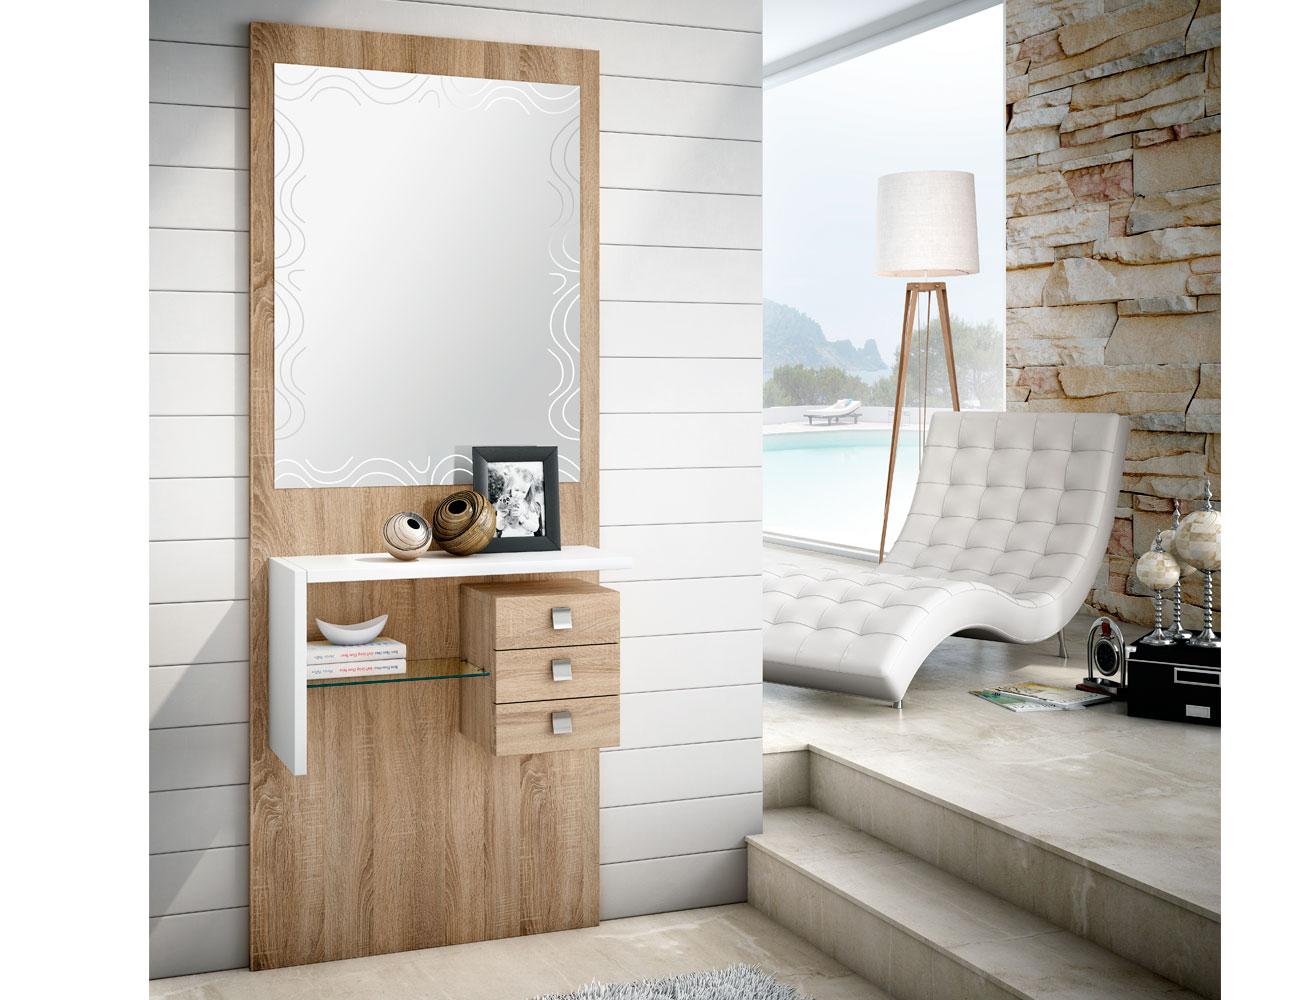 Mueble recibidor con espejo cambrian blanco 159